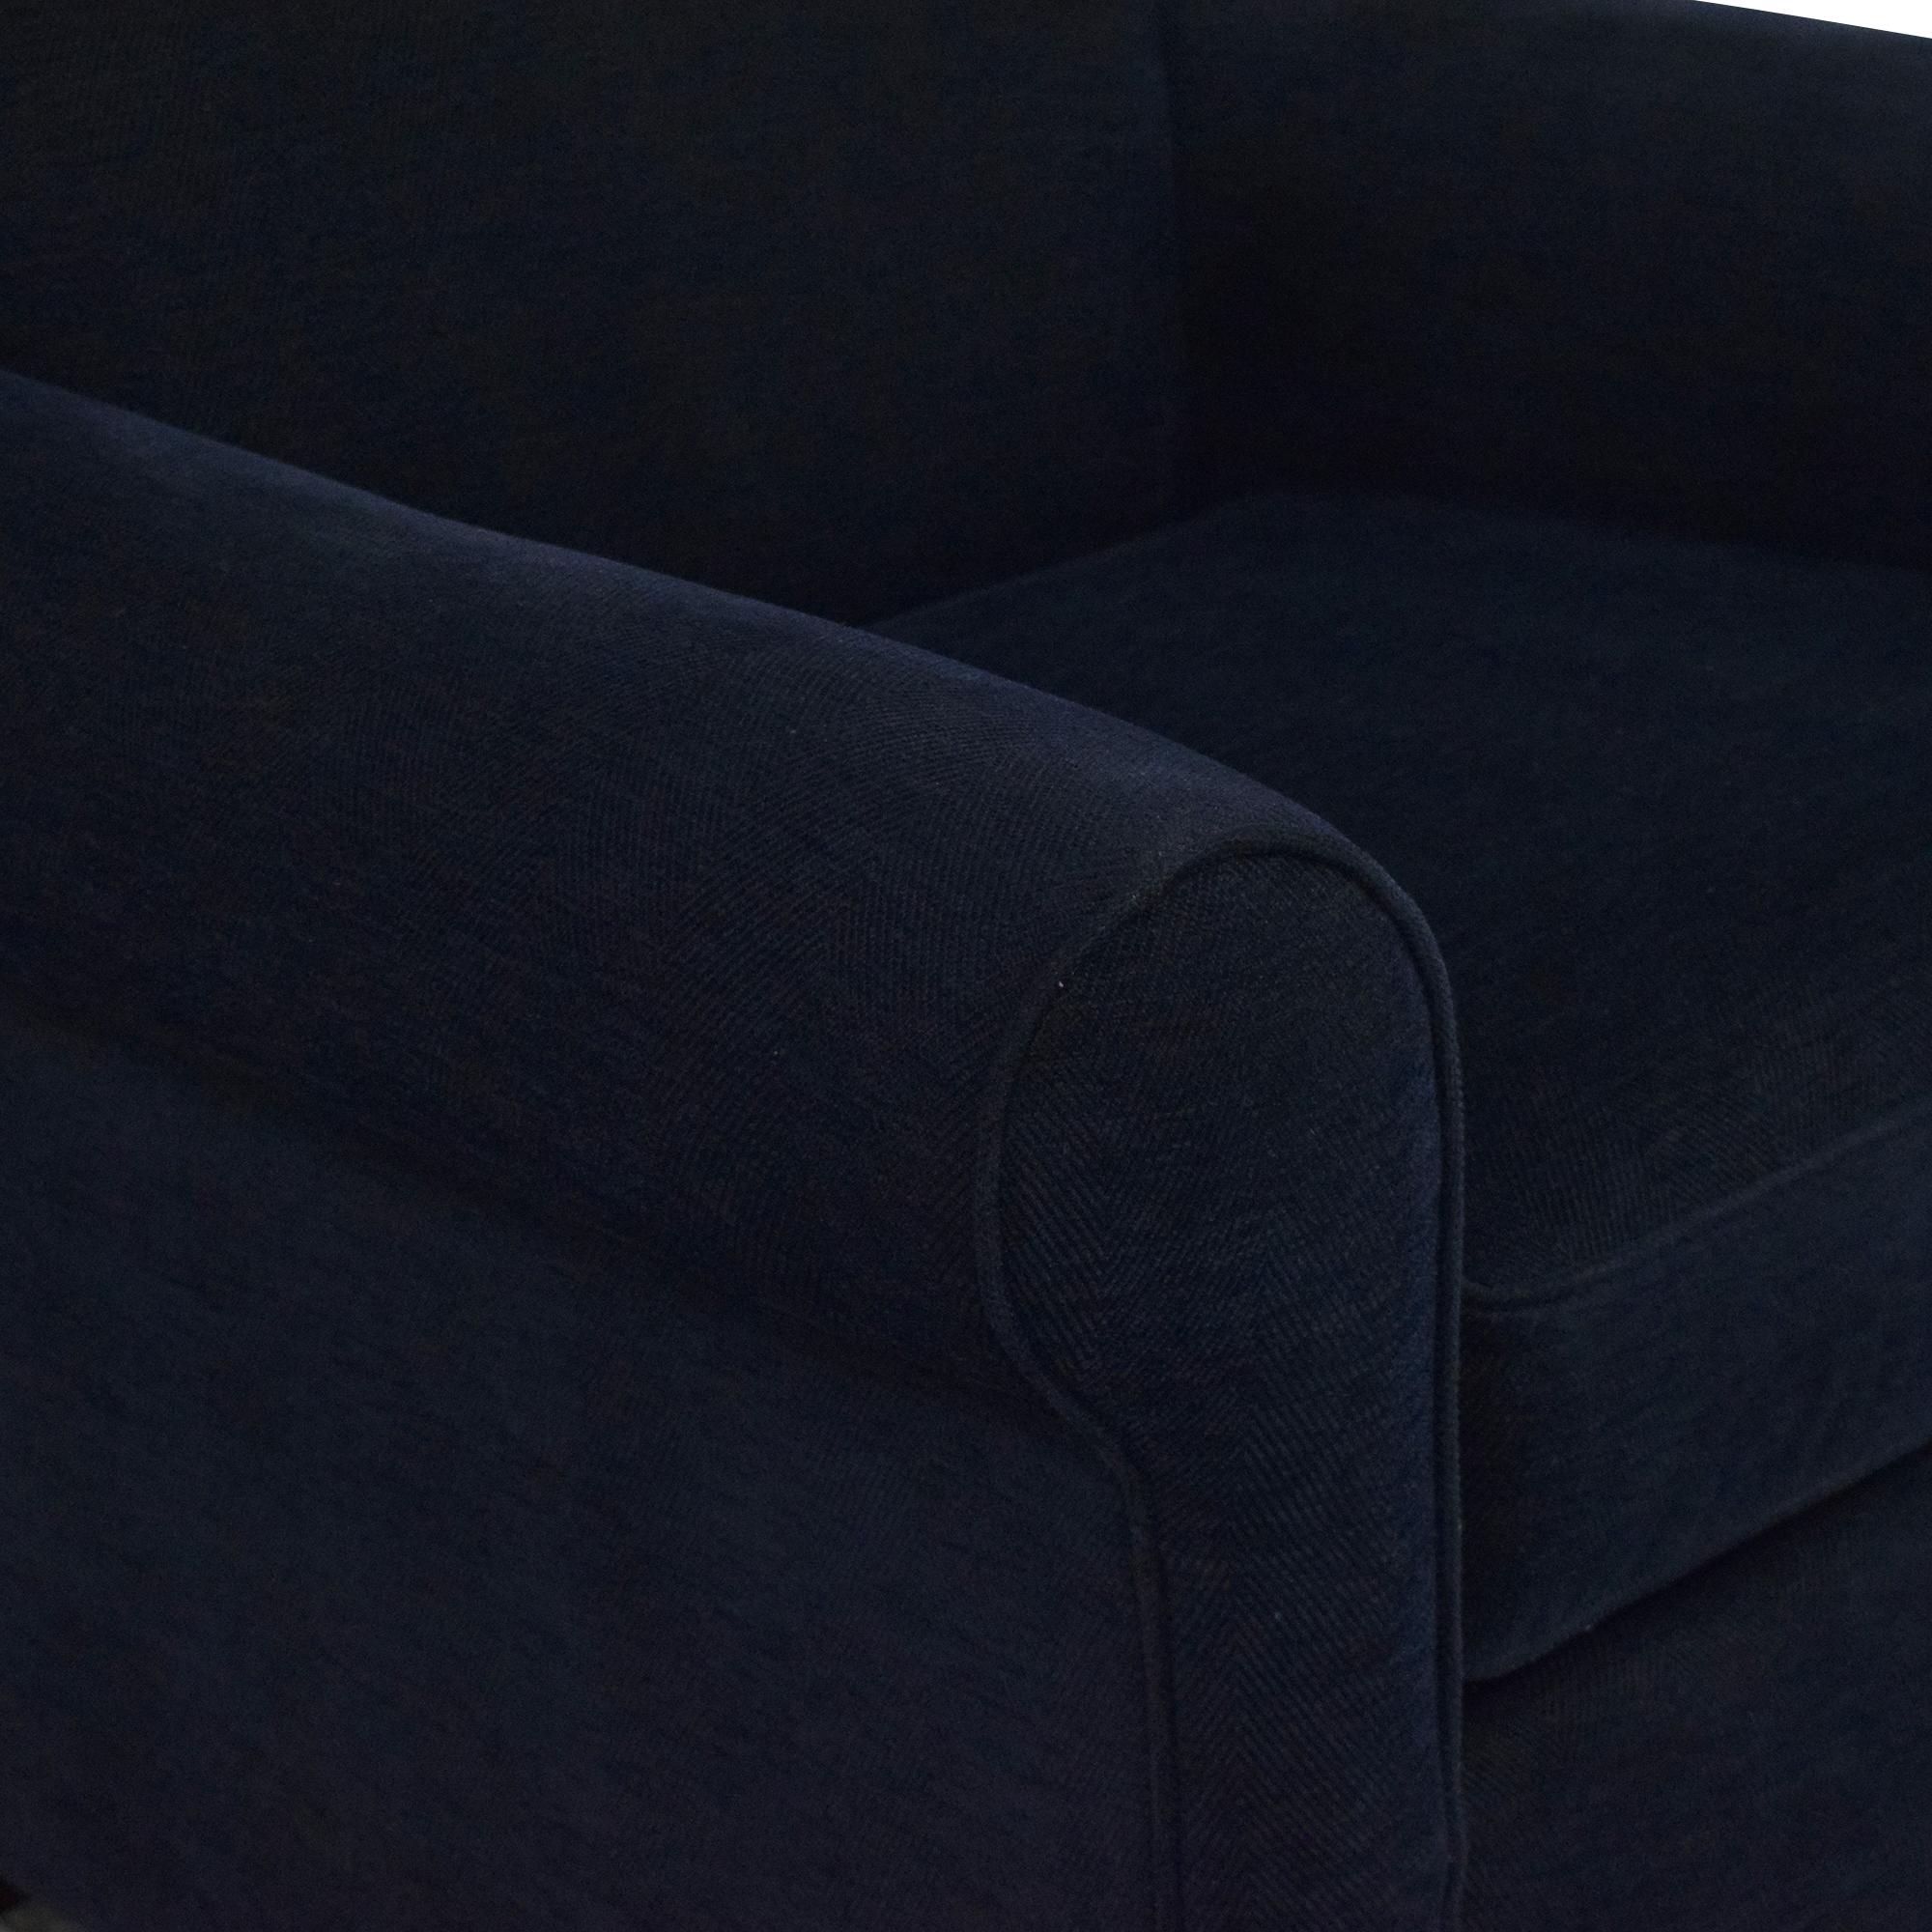 shop Bassett Furniture Roll Arm Accent Chair Bassett Furniture